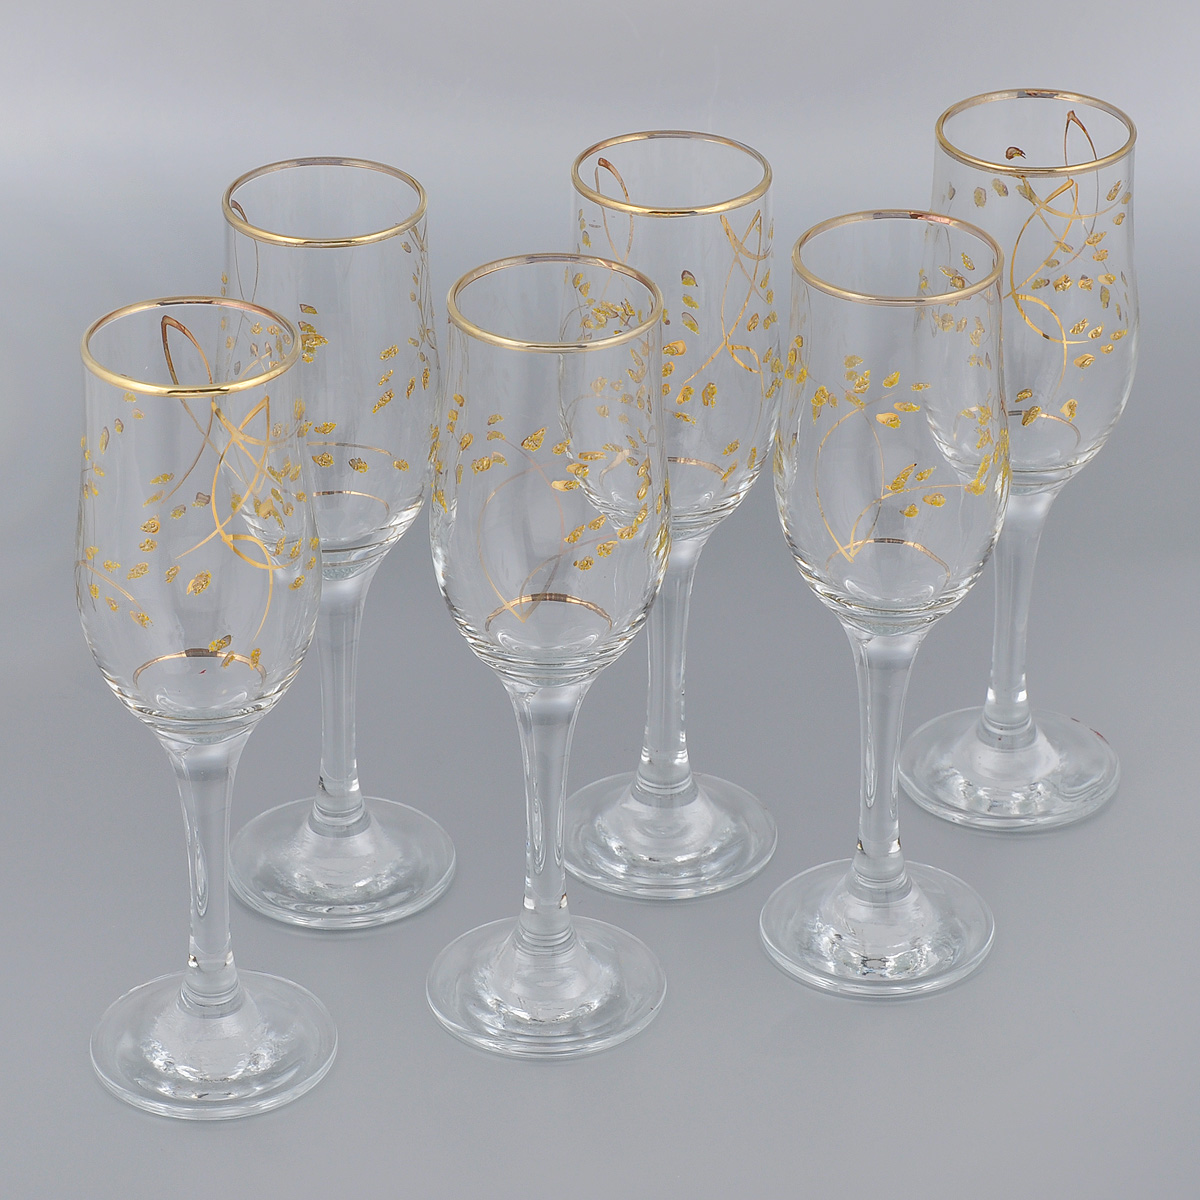 Набор бокалов Гусь-Хрустальный Колосок, 200 мл, 6 штVT-1520(SR)Набор Гусь-Хрустальный Колосок состоит из 6 бокалов на длинных тонких ножках, изготовленных из высококачественного натрий-кальций-силикатного стекла. Изделия оформлены золотистой эмалью и красивым рельефным рисунком. Бокалы предназначены для шампанского или вина. Такой набор прекрасно дополнит праздничный стол и станет желанным подарком в любом доме. Разрешается мыть в посудомоечной машине. Диаметр бокала (по верхнему краю): 5 см. Высота бокала: 20,5 см.